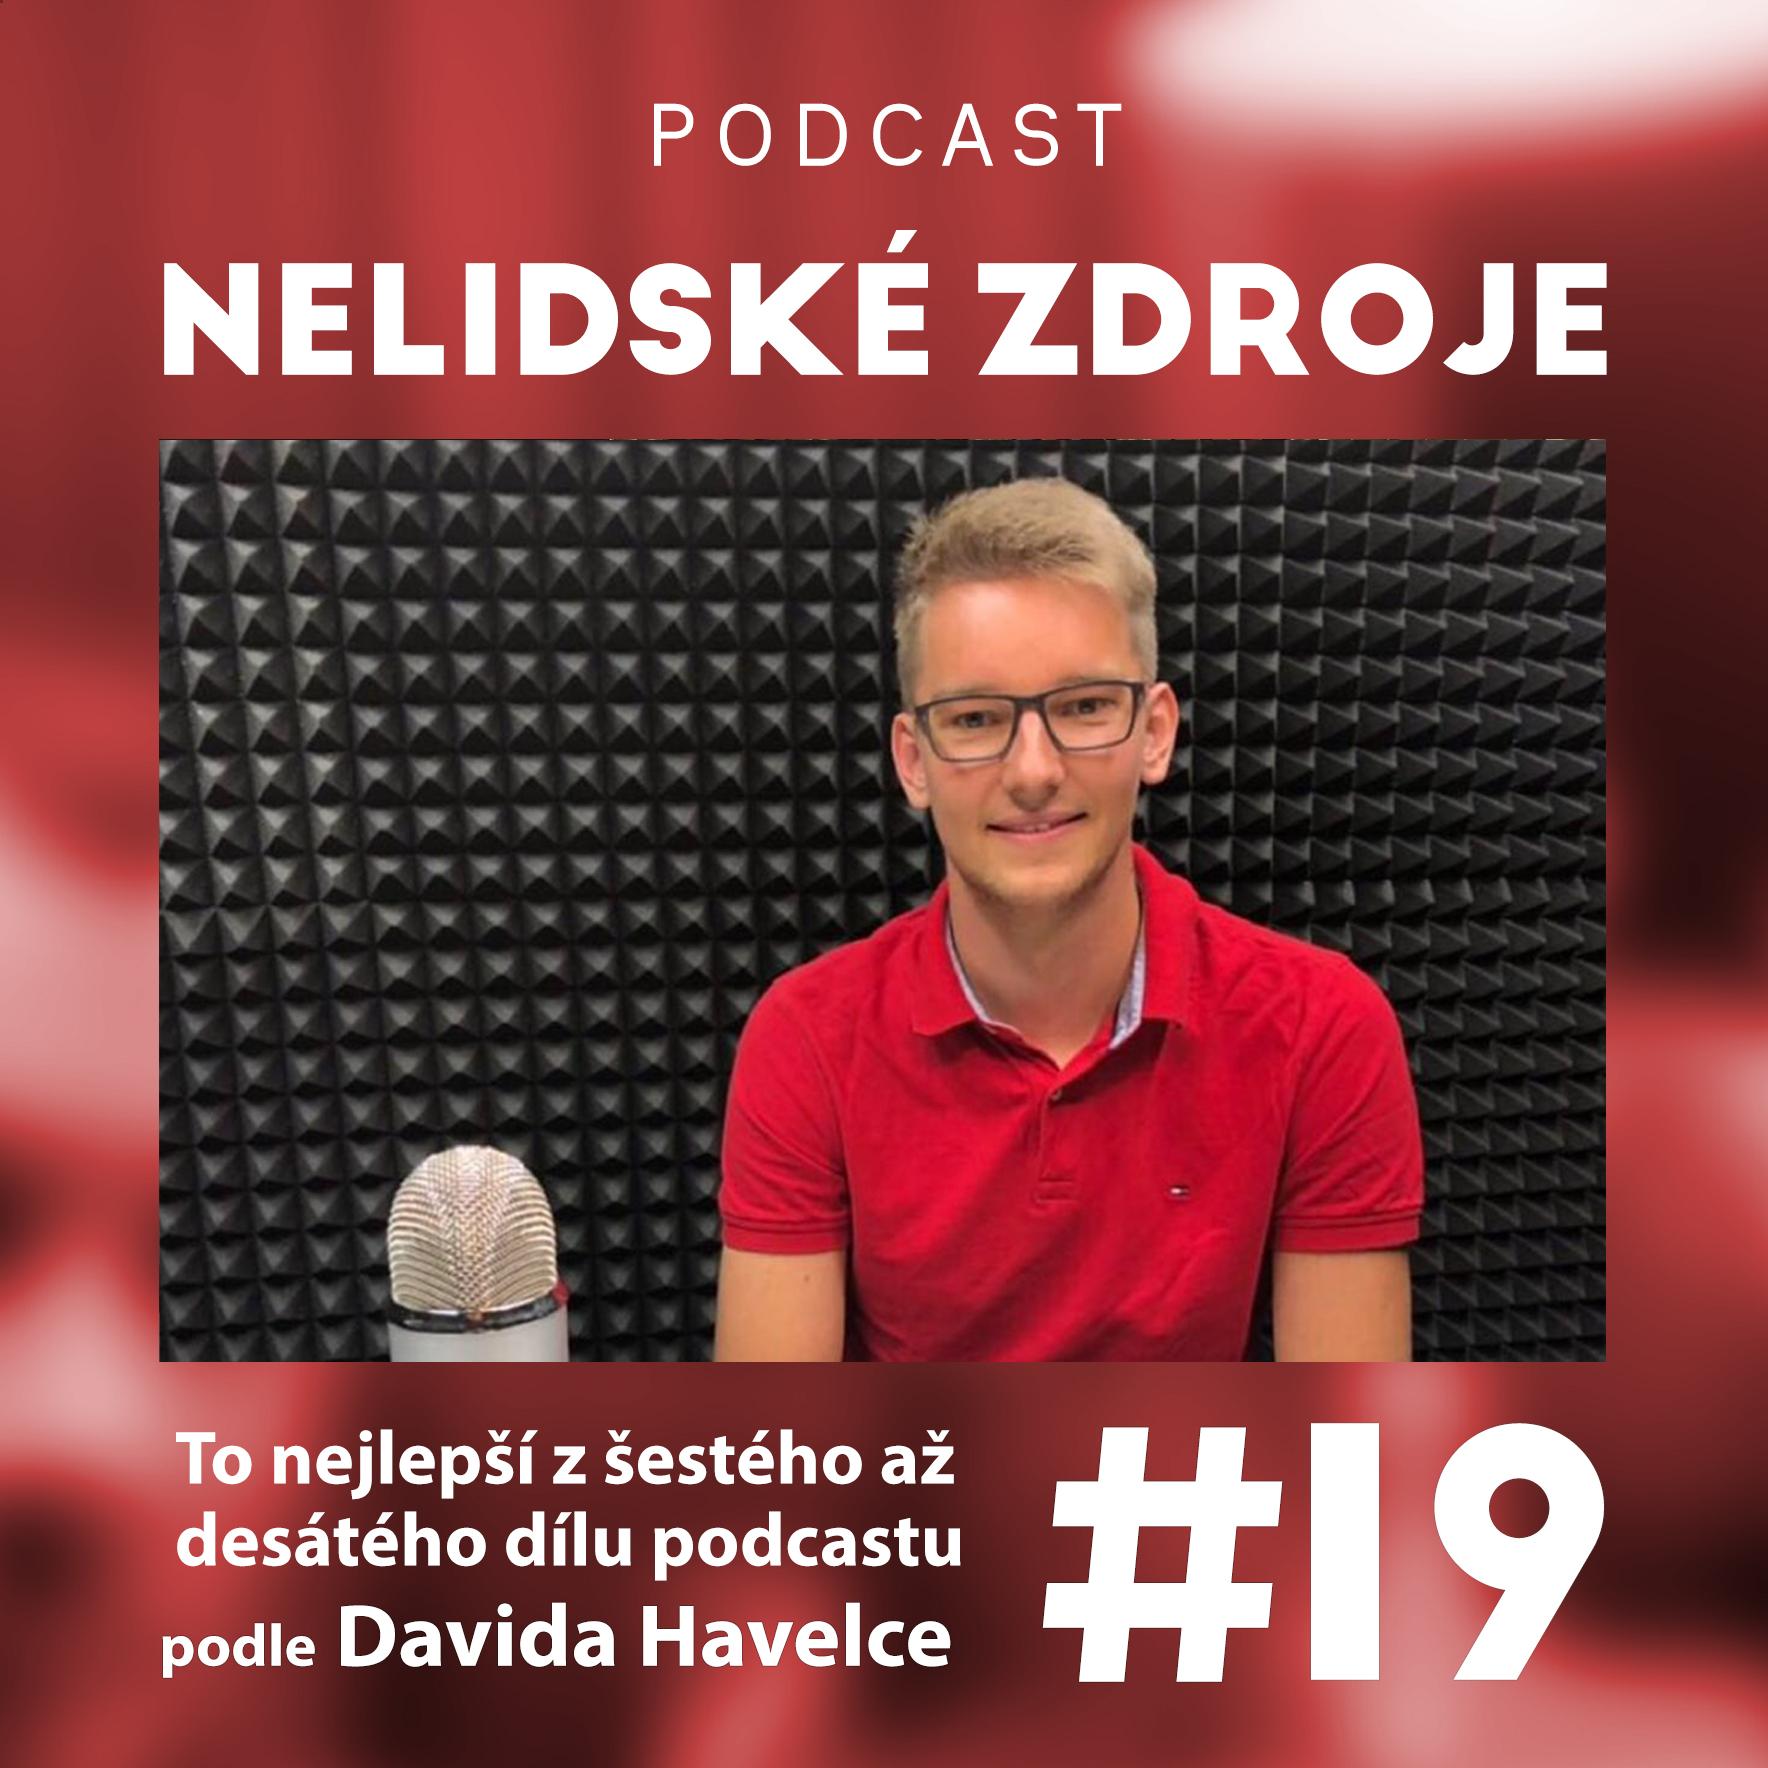 19: To nejlepší z šestého až desátého dílu podcastu podle Davida Havelce, Country Talent Acquisition Leadera ve Faurecia